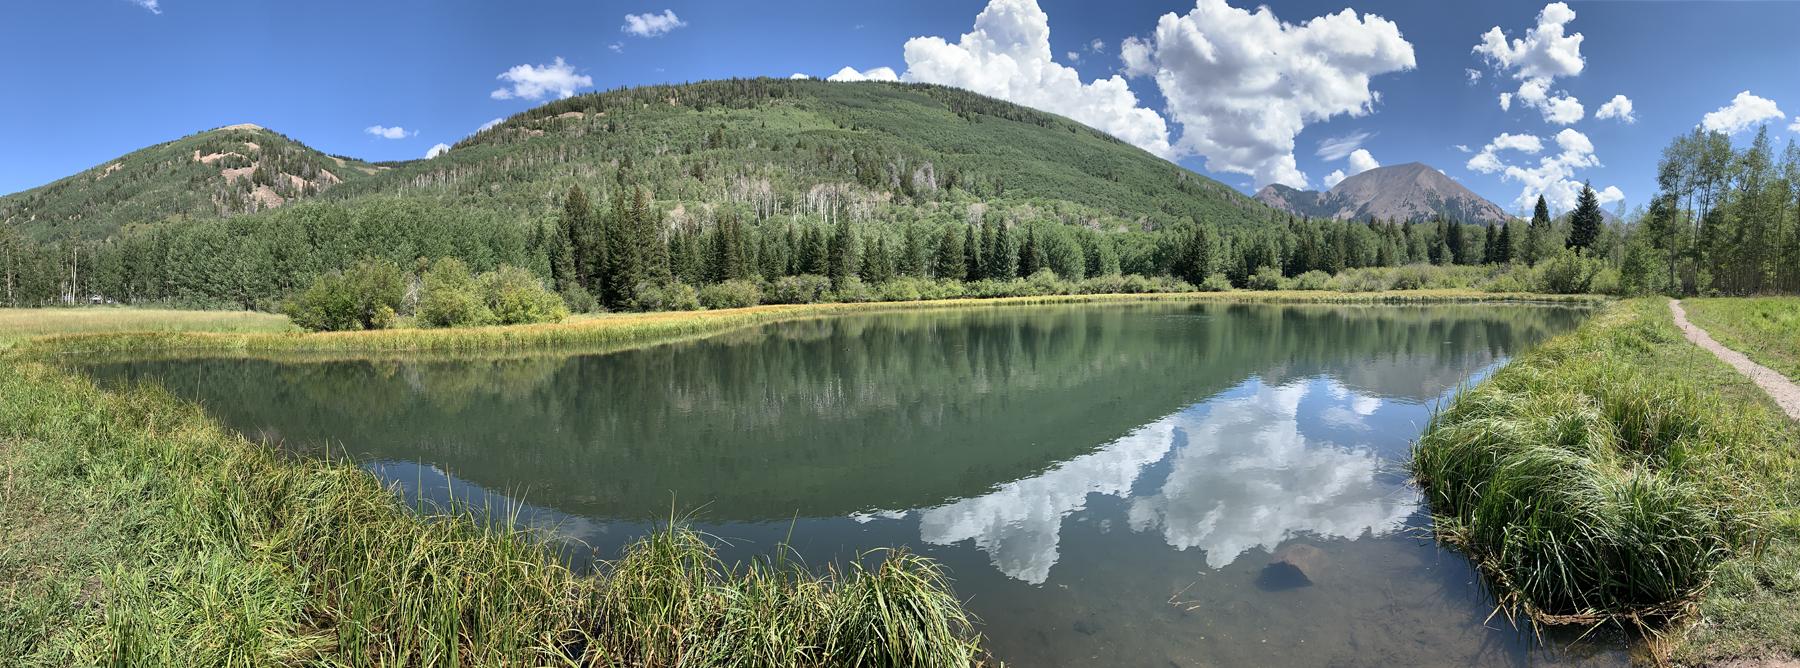 Warner Lake